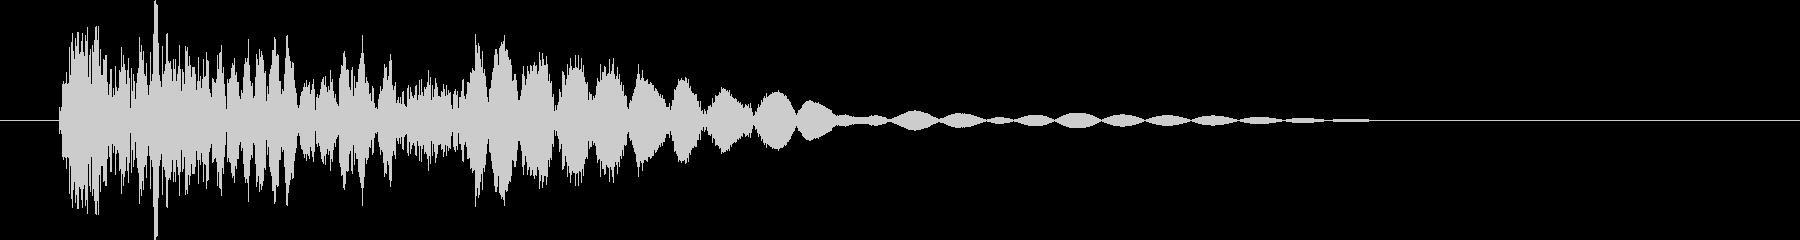 ズカッ(強撃・こうげき)の未再生の波形